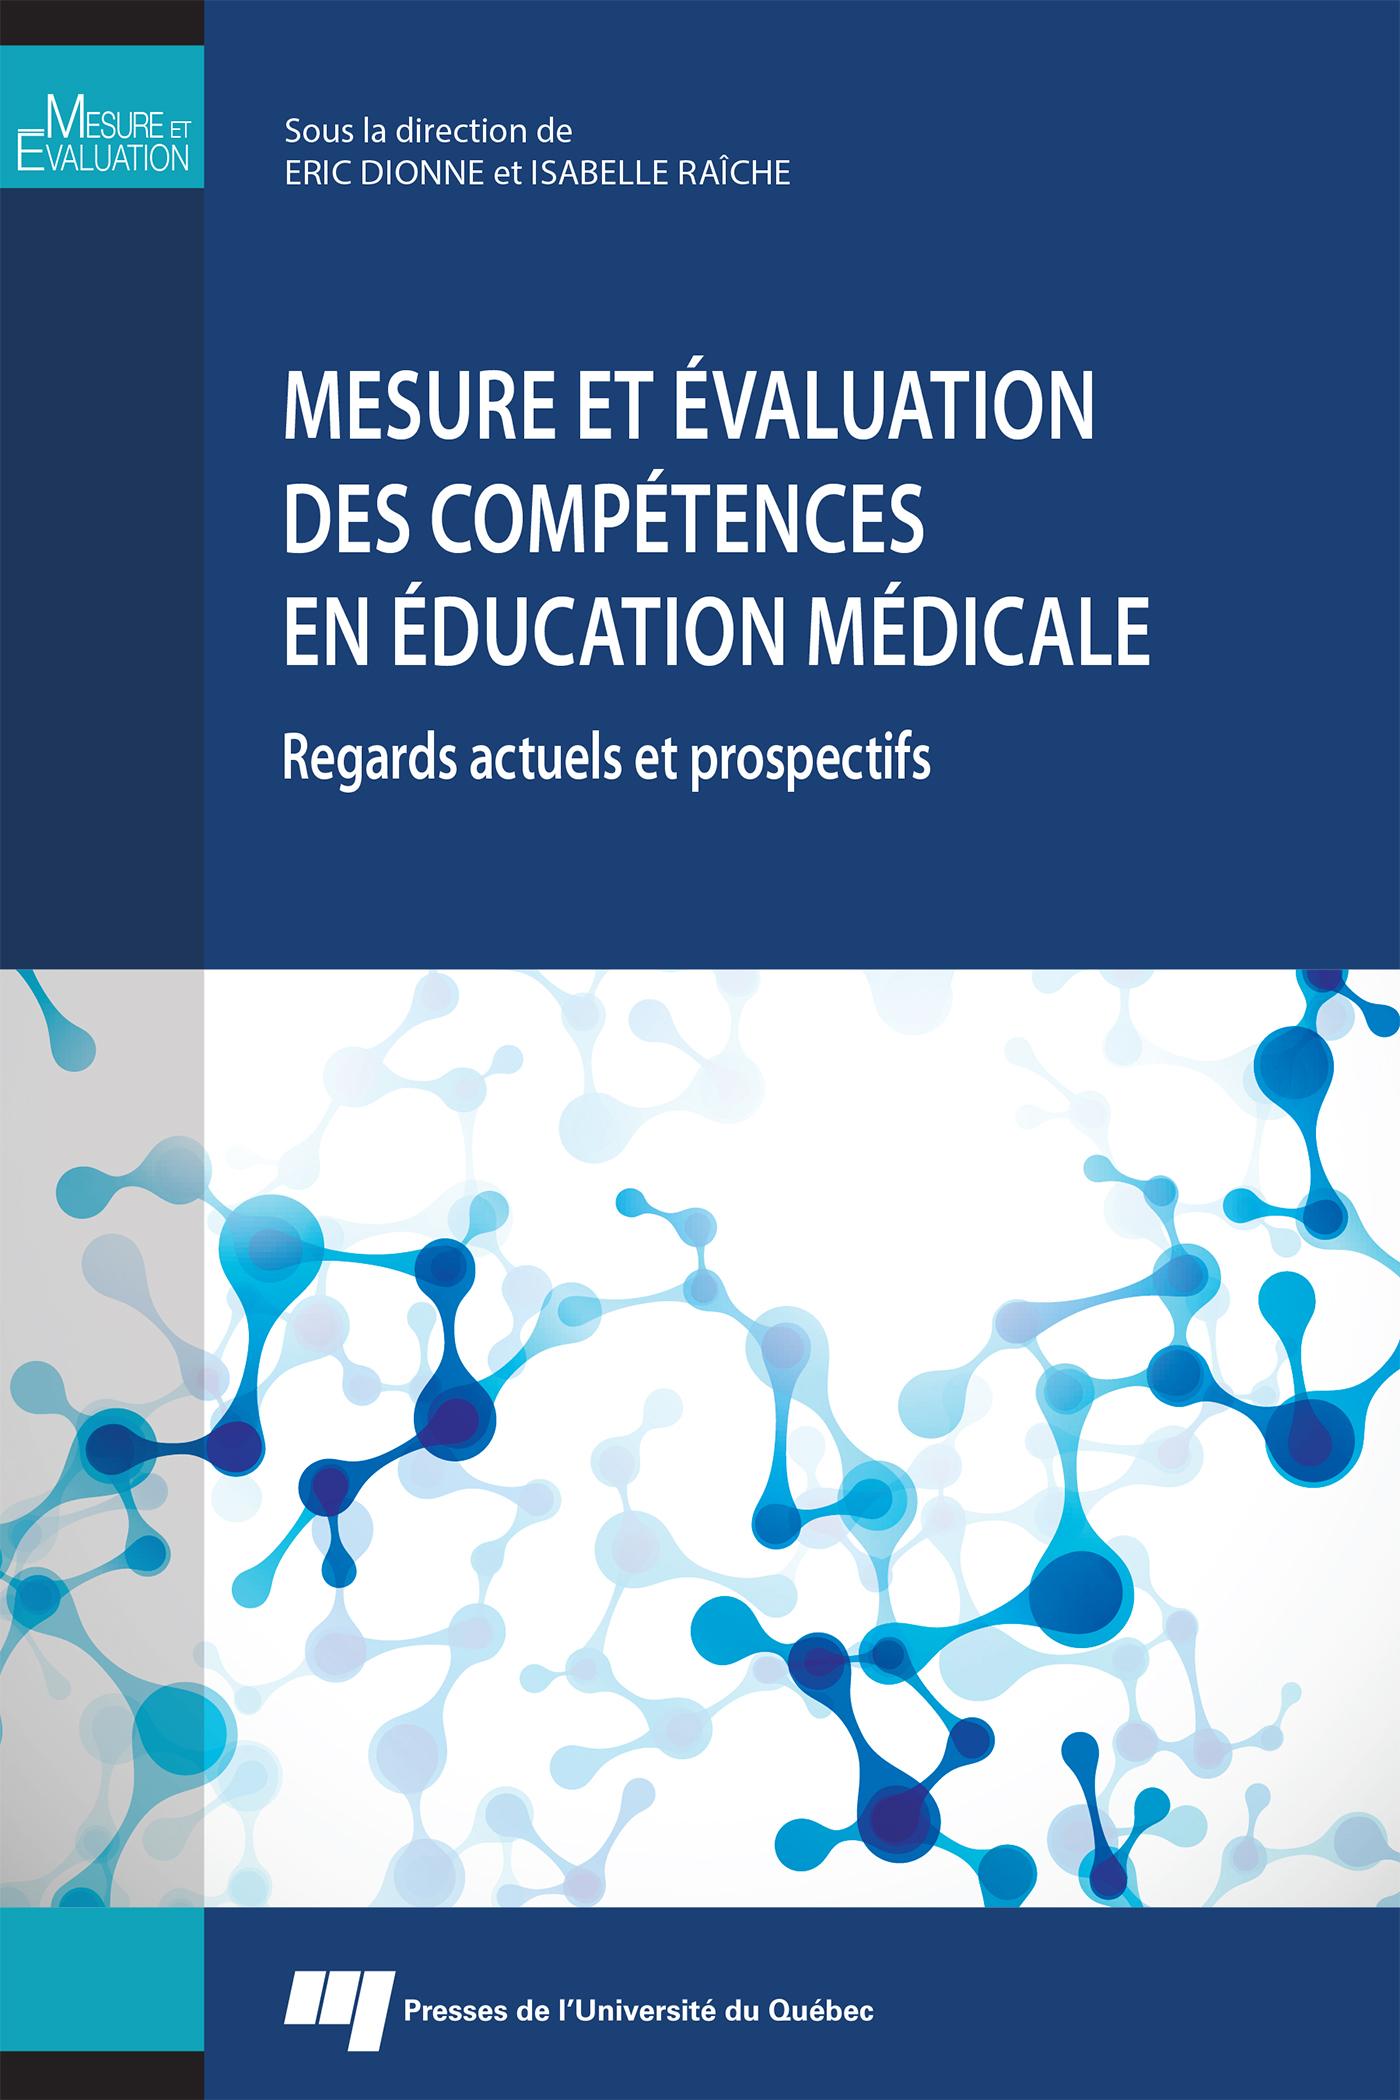 Mesure et évaluation des compétences en éducation médicale